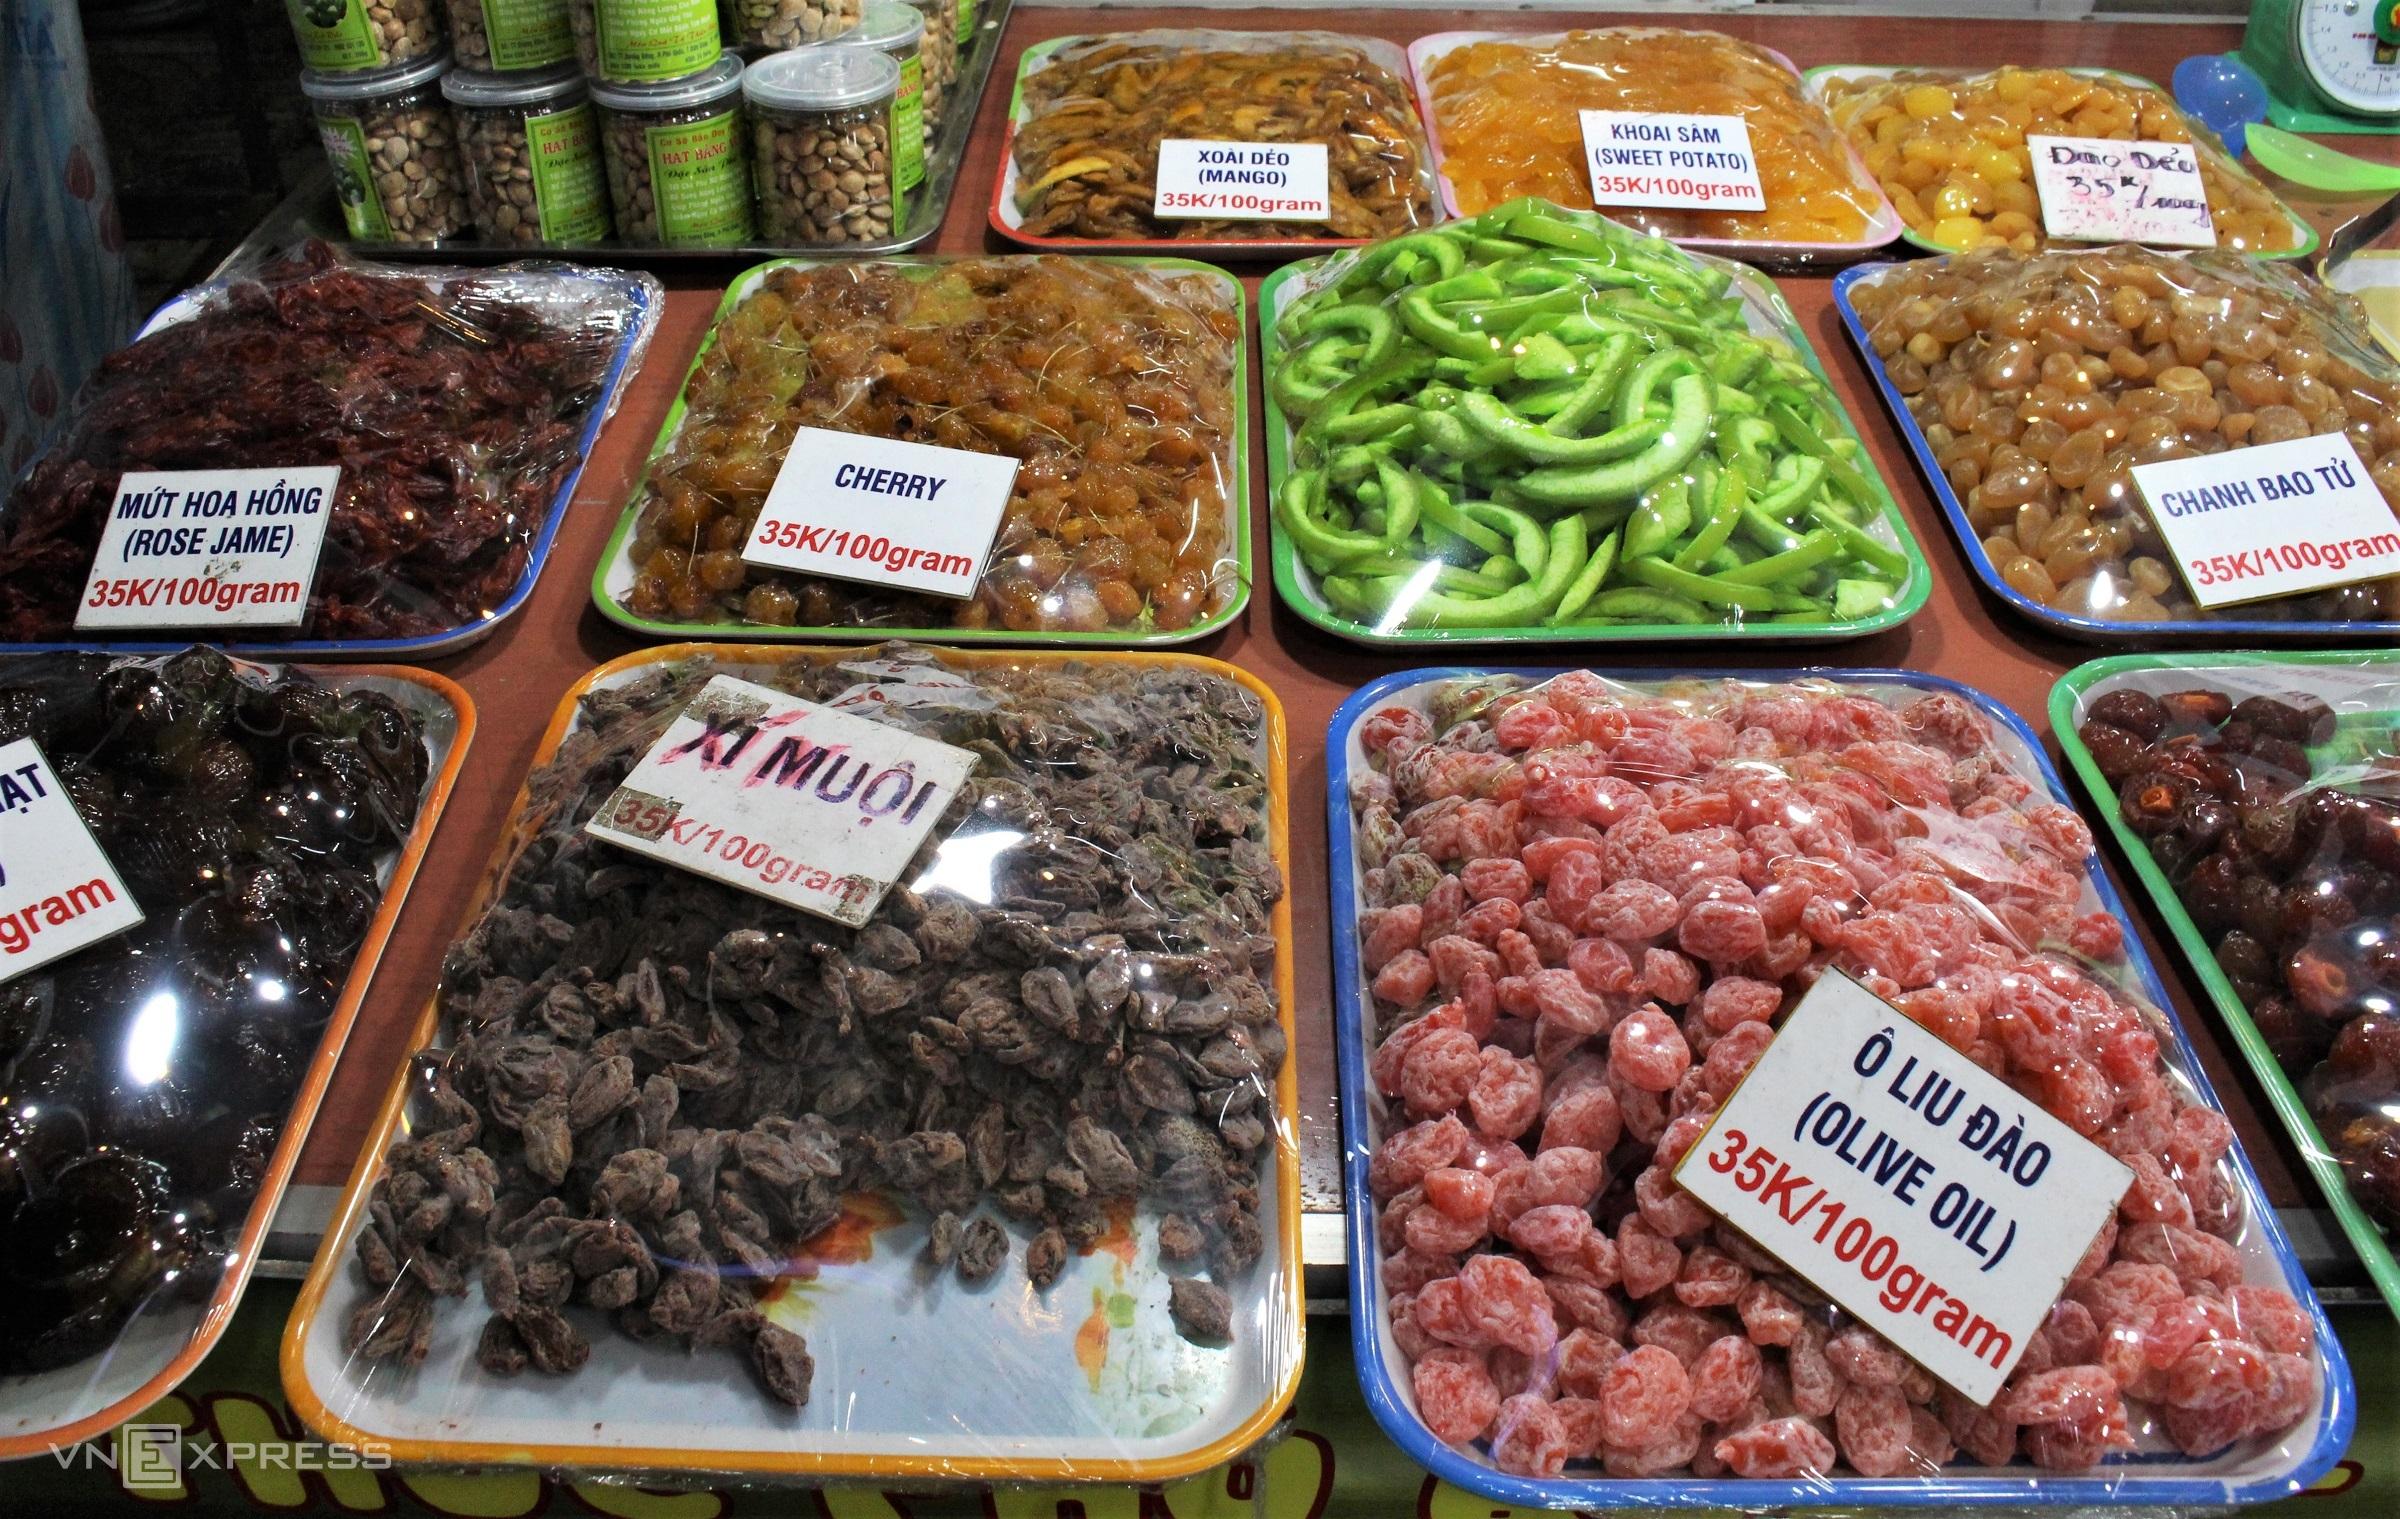 Tuy không đặc sắc như các loại đặc sản khác của Phú Quốc nhưng mứt trái cây cũng xuất hiện nhiều trong chợ đêm Phú Quốc, loại này thường được bán đồng giá 35.000 đồng/100 gram.